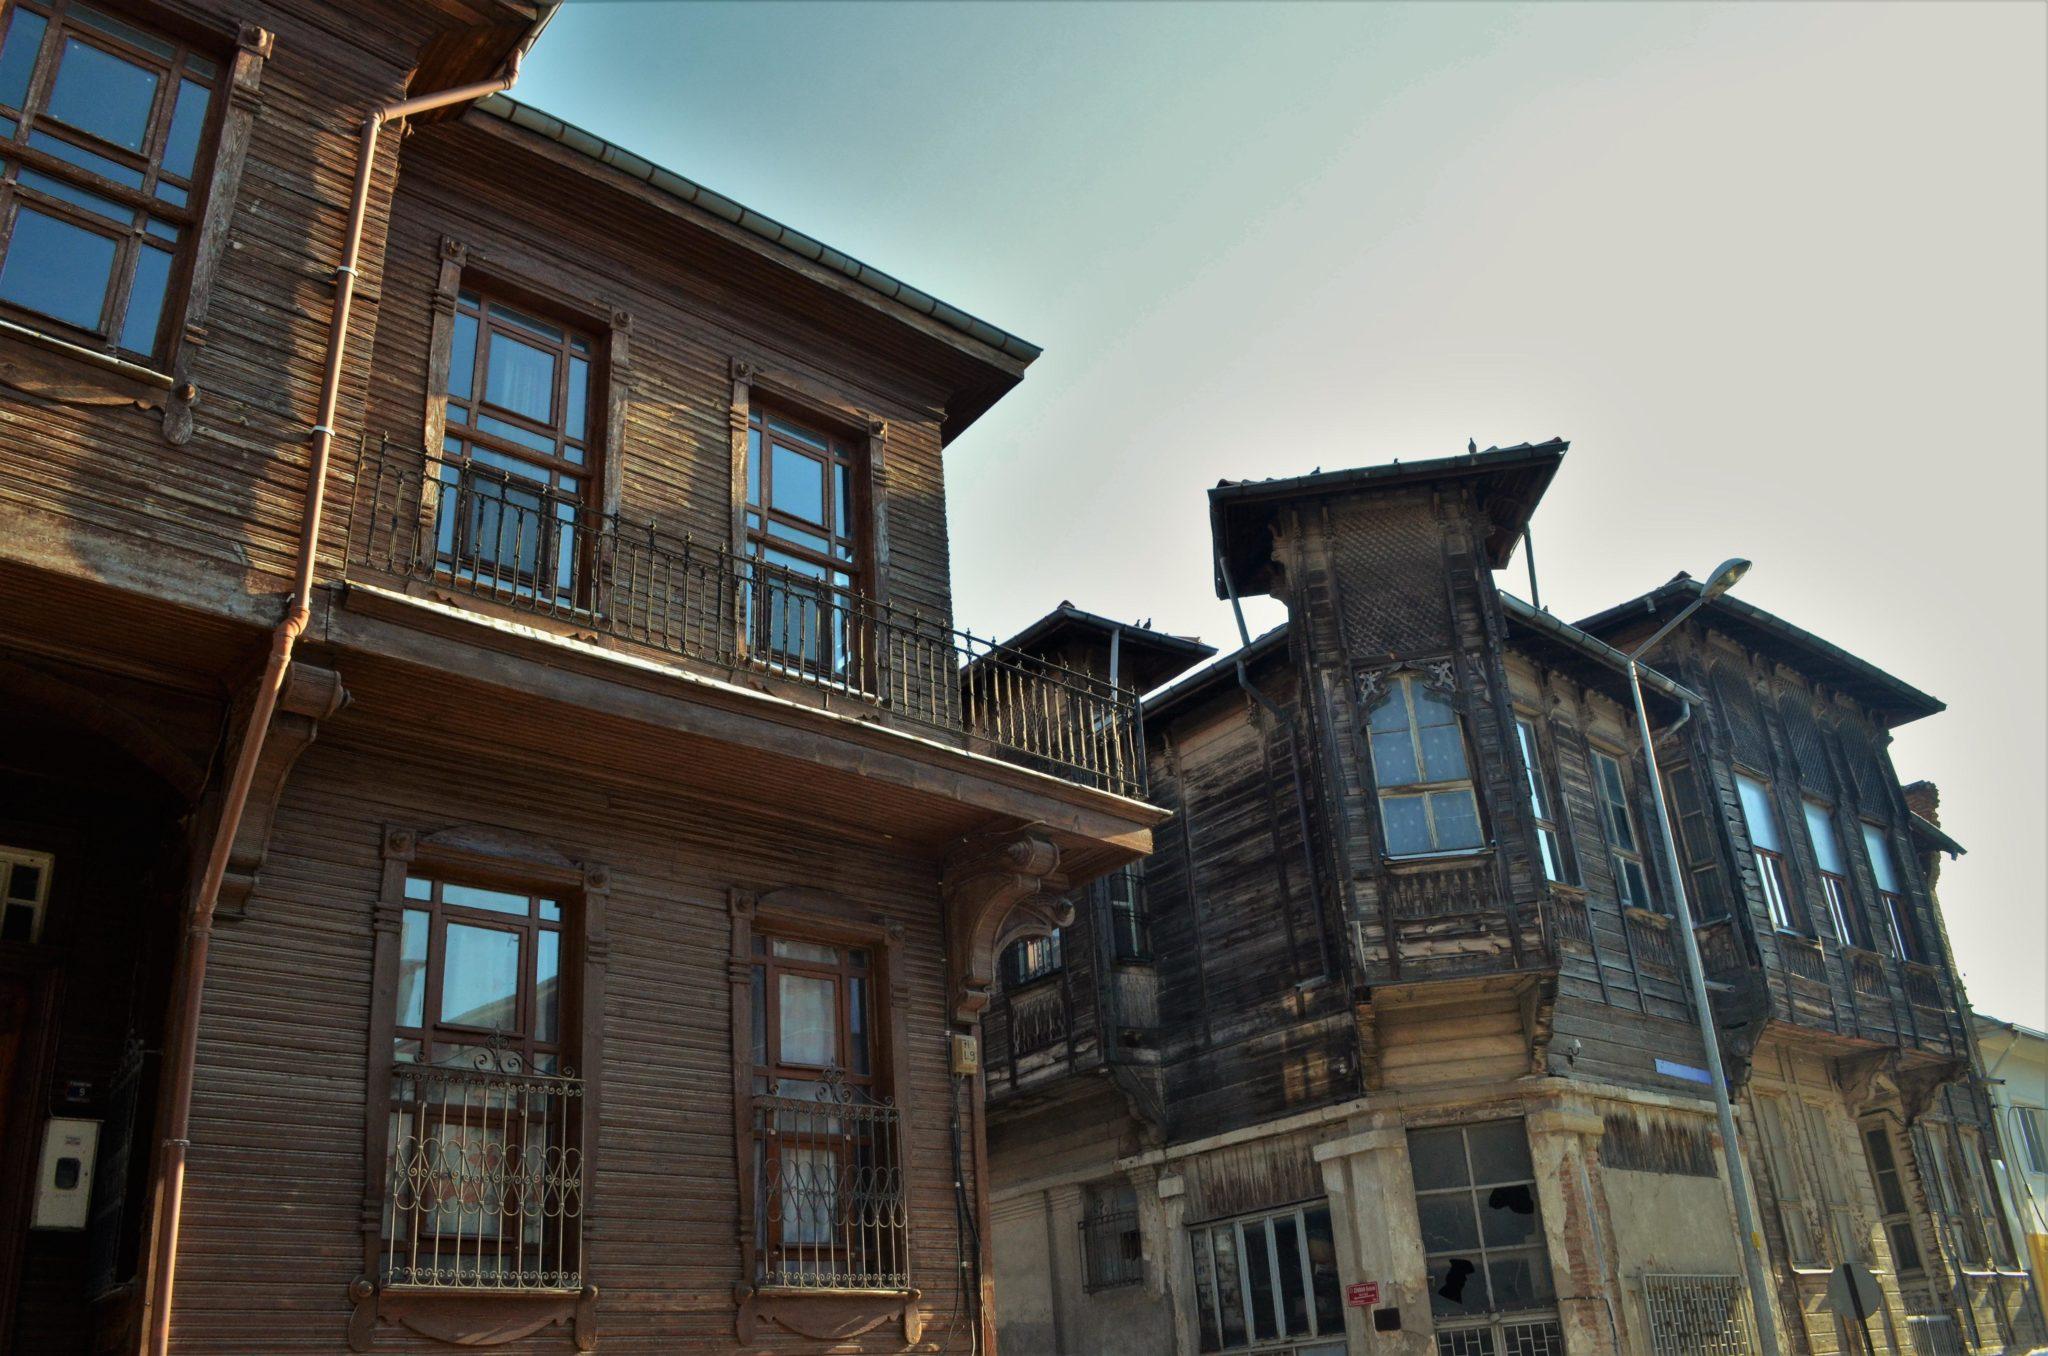 Тези къщи във възрожденски стил вероятно са били обитавани от българи